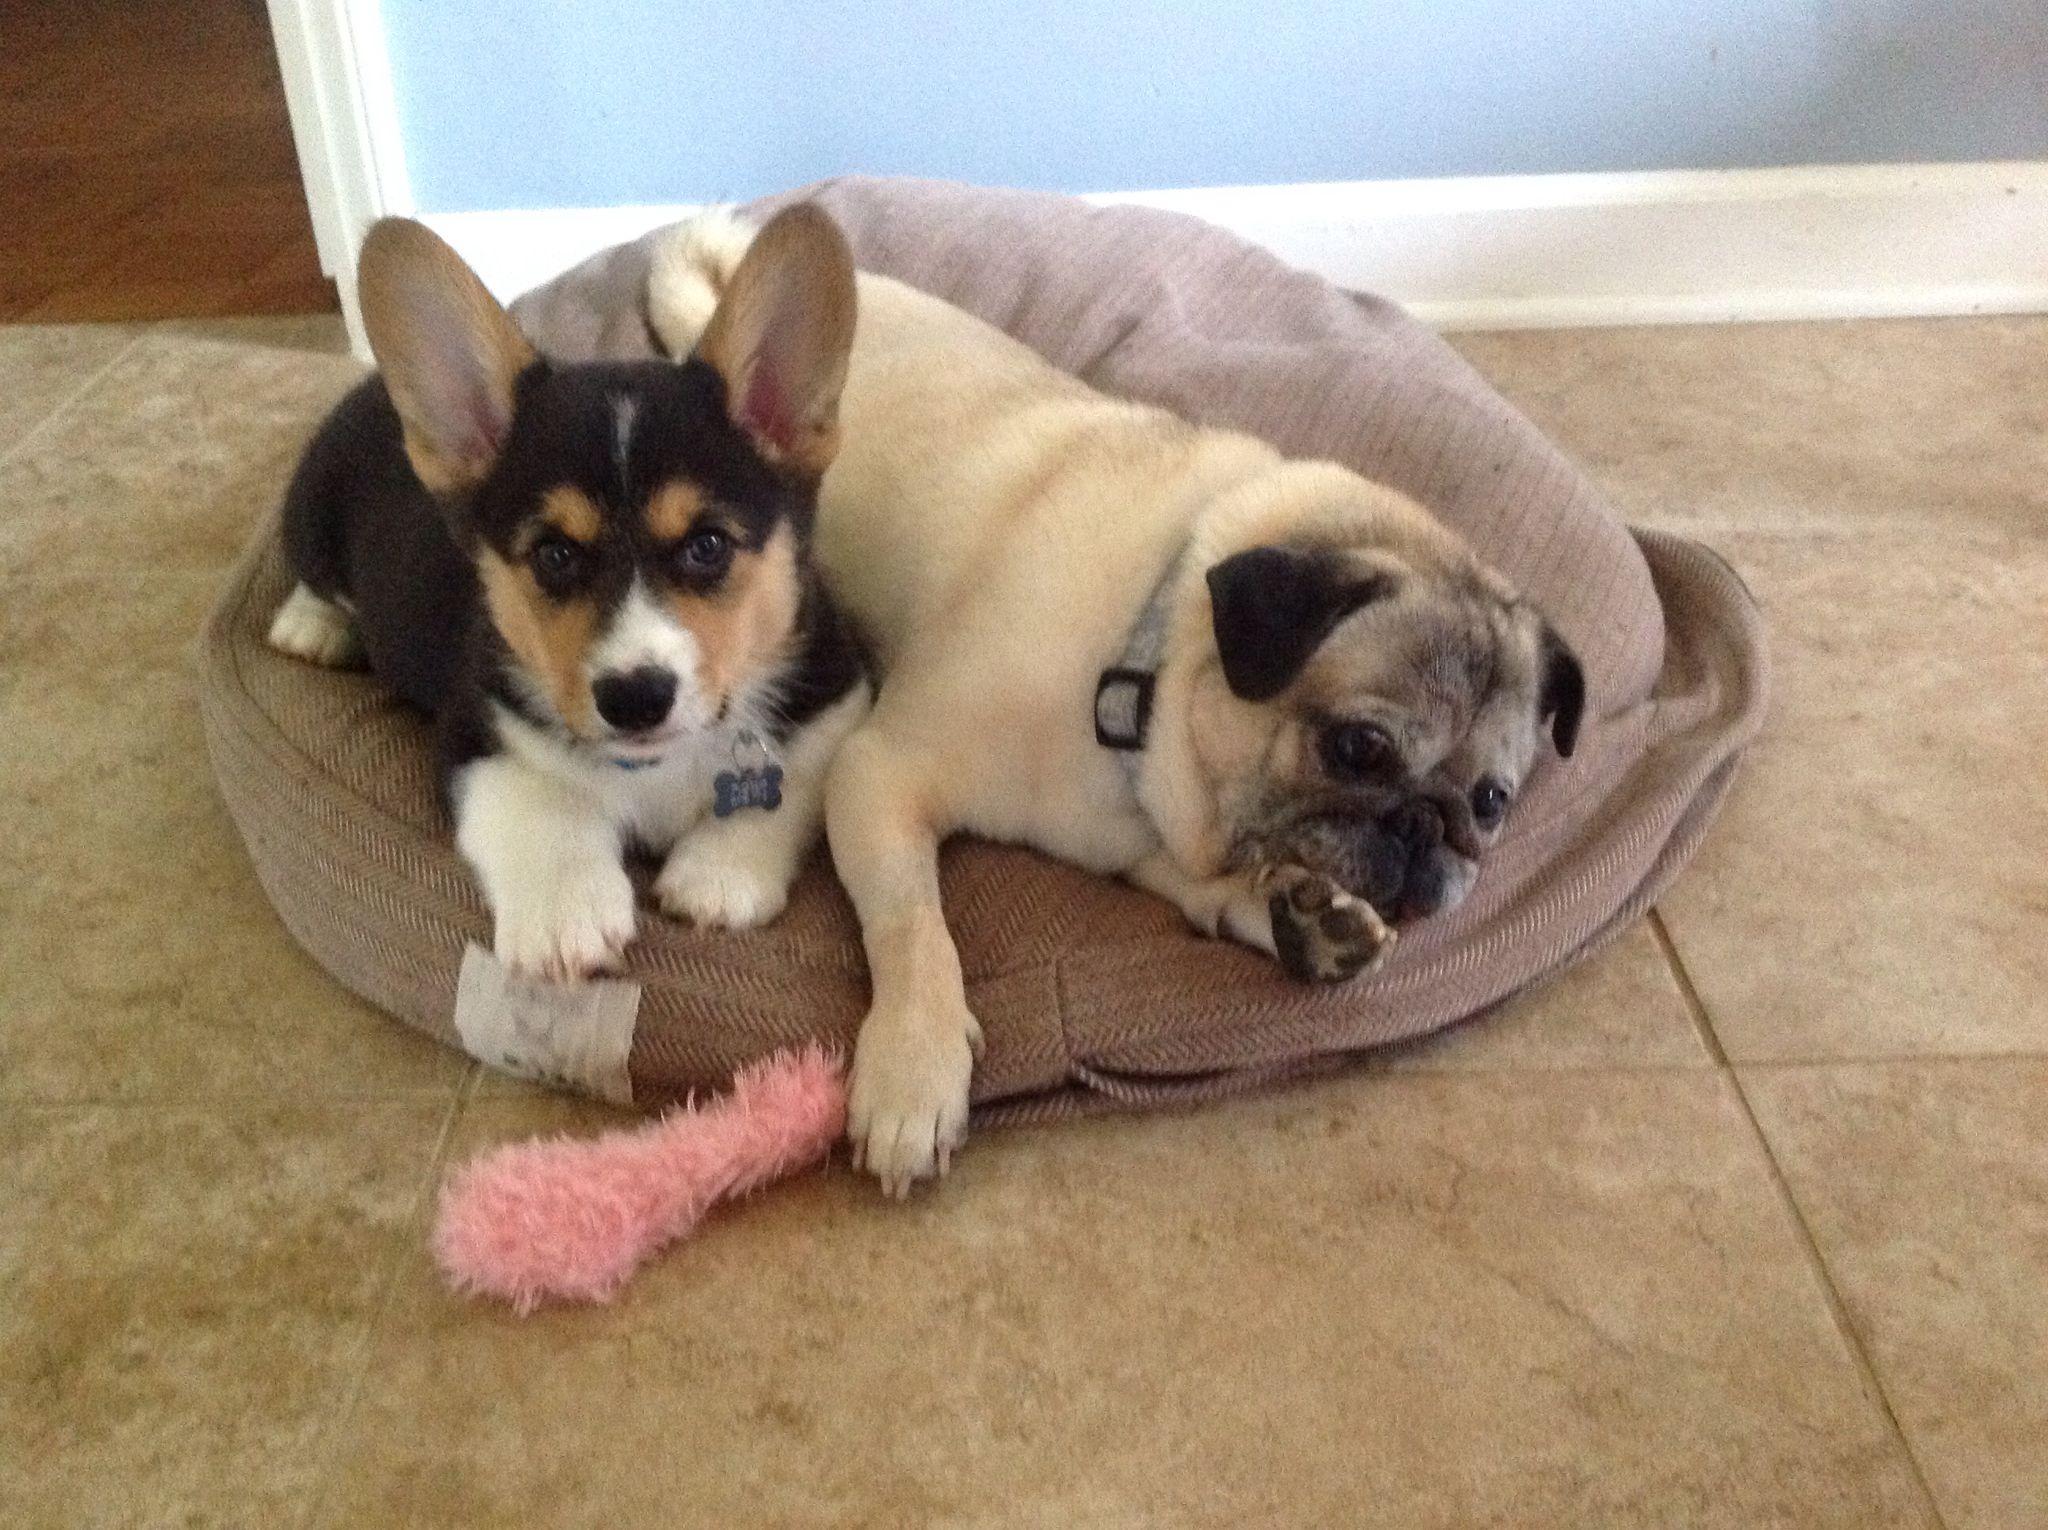 Dewi The Corgi Puppy And Otis The 14 Year Old Pug Corgi Pets